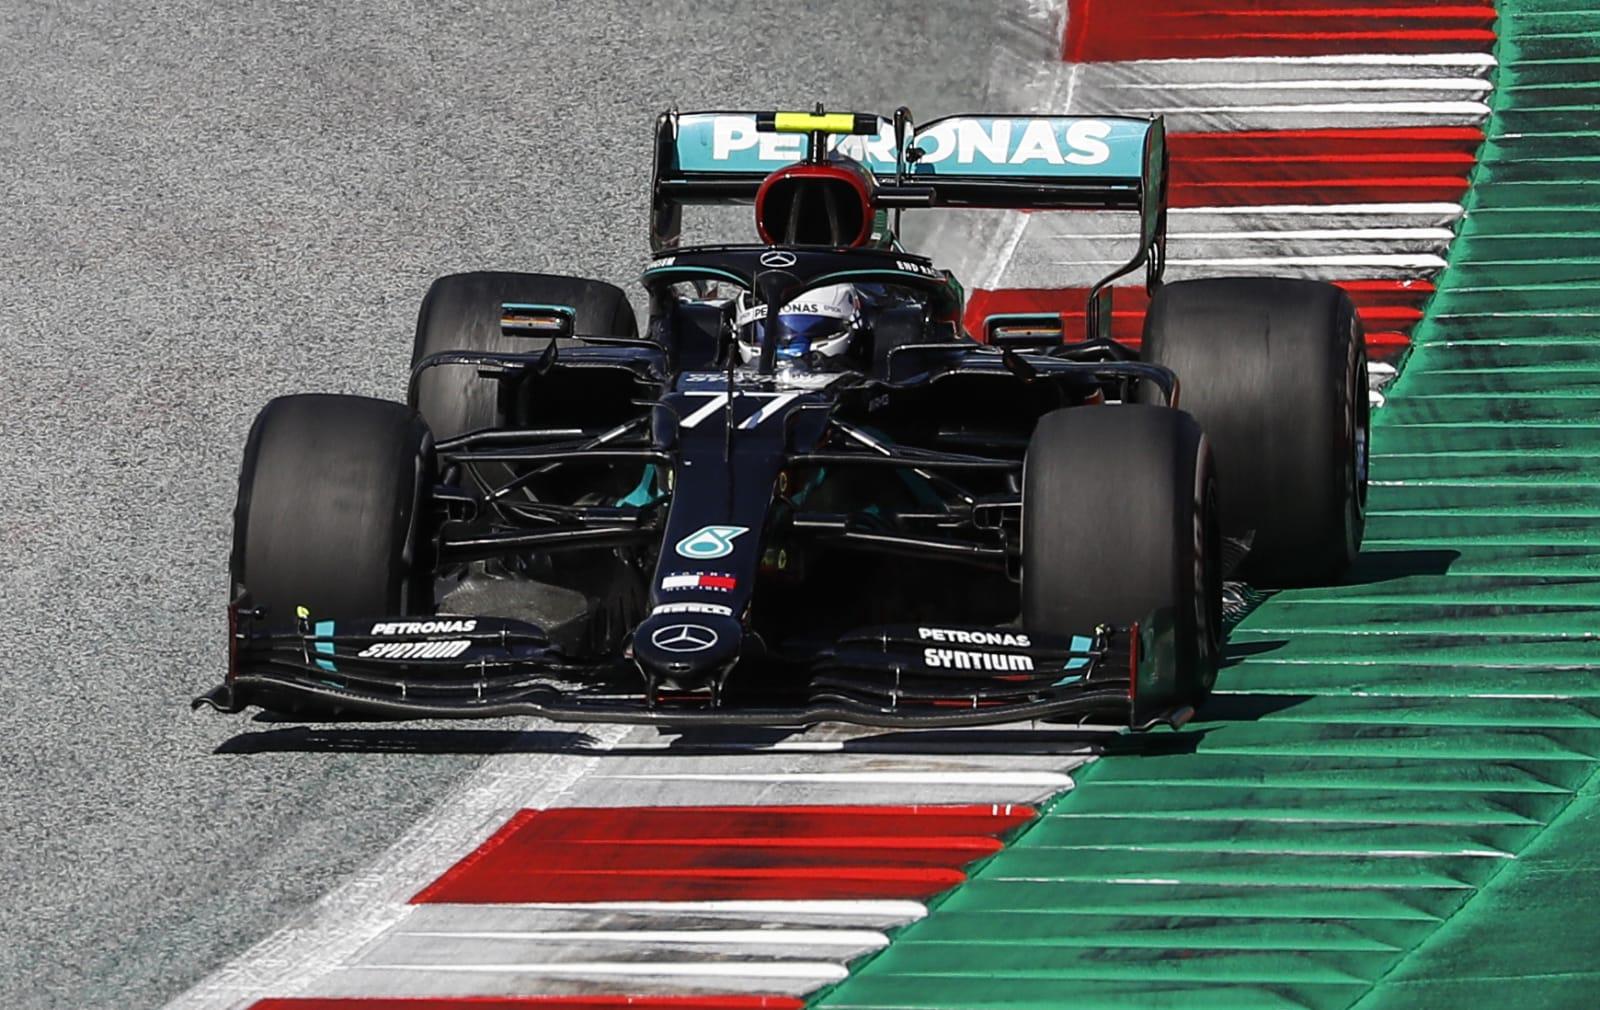 Valtteri Bottas, Formula 1